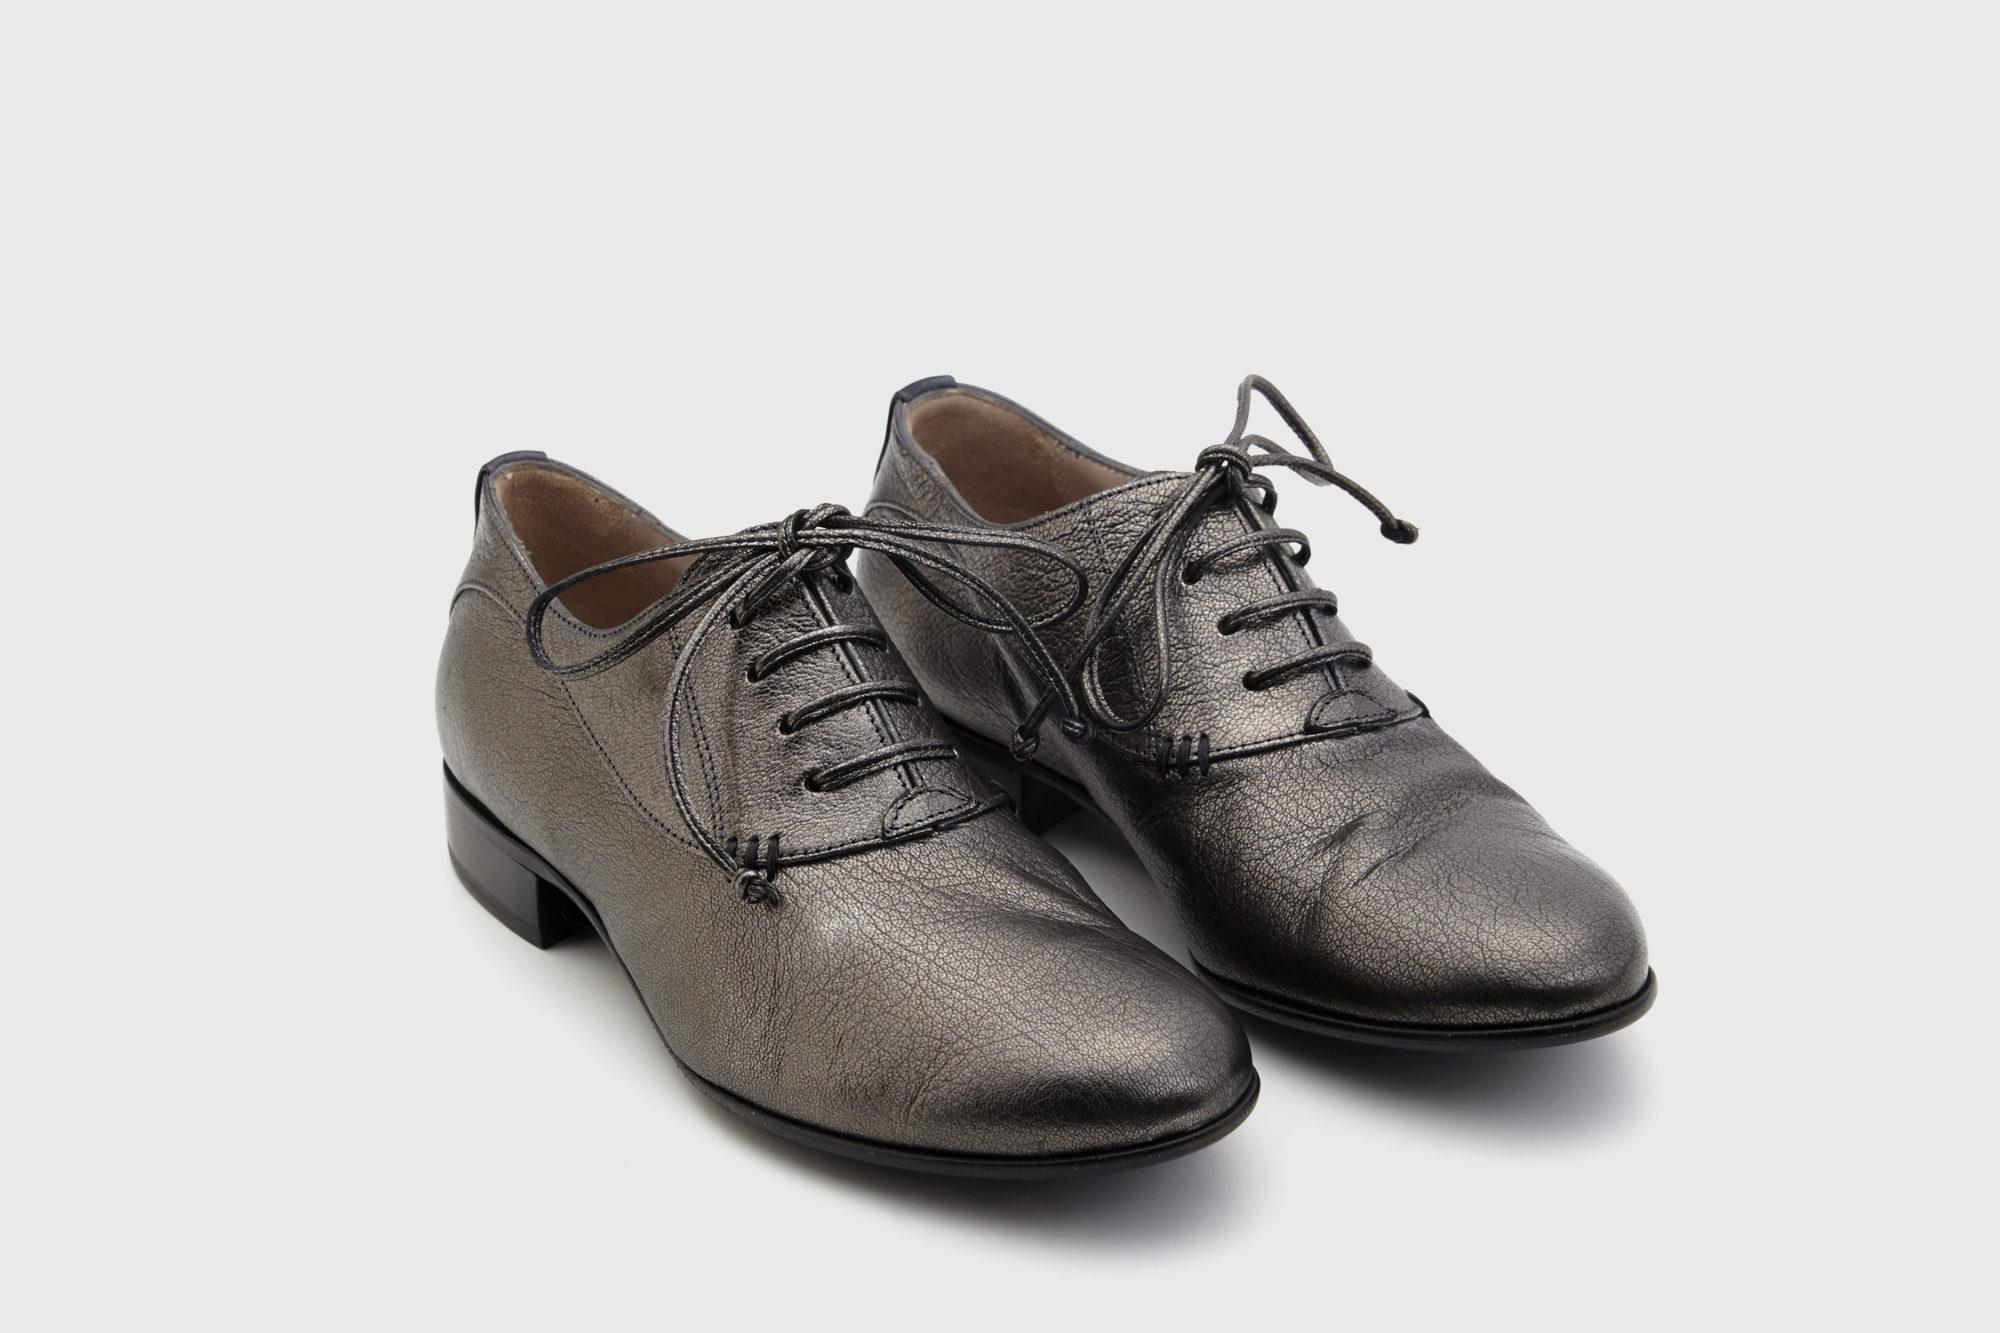 Dorotea zapato de cordones Florence antracite fw18 par